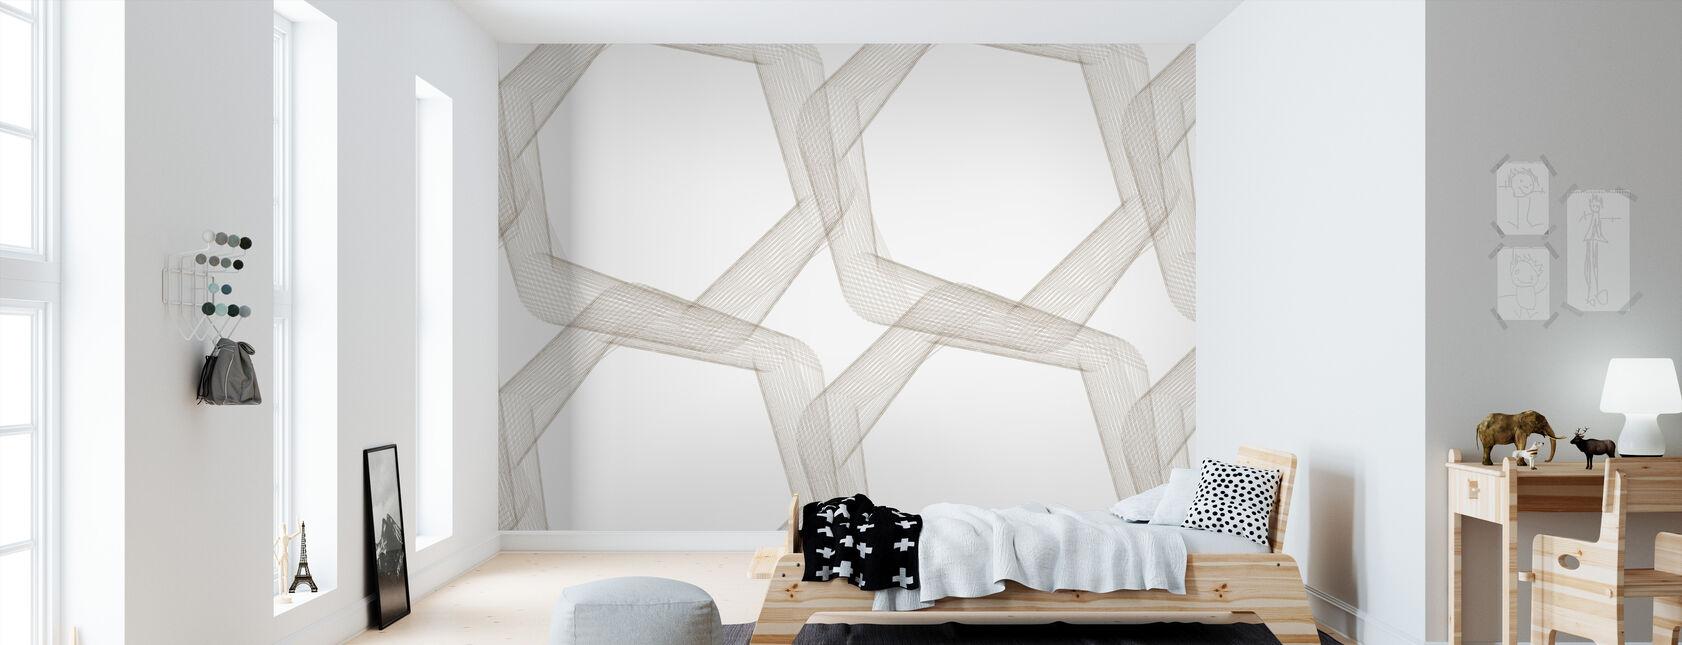 Rad - Wallpaper - Kids Room